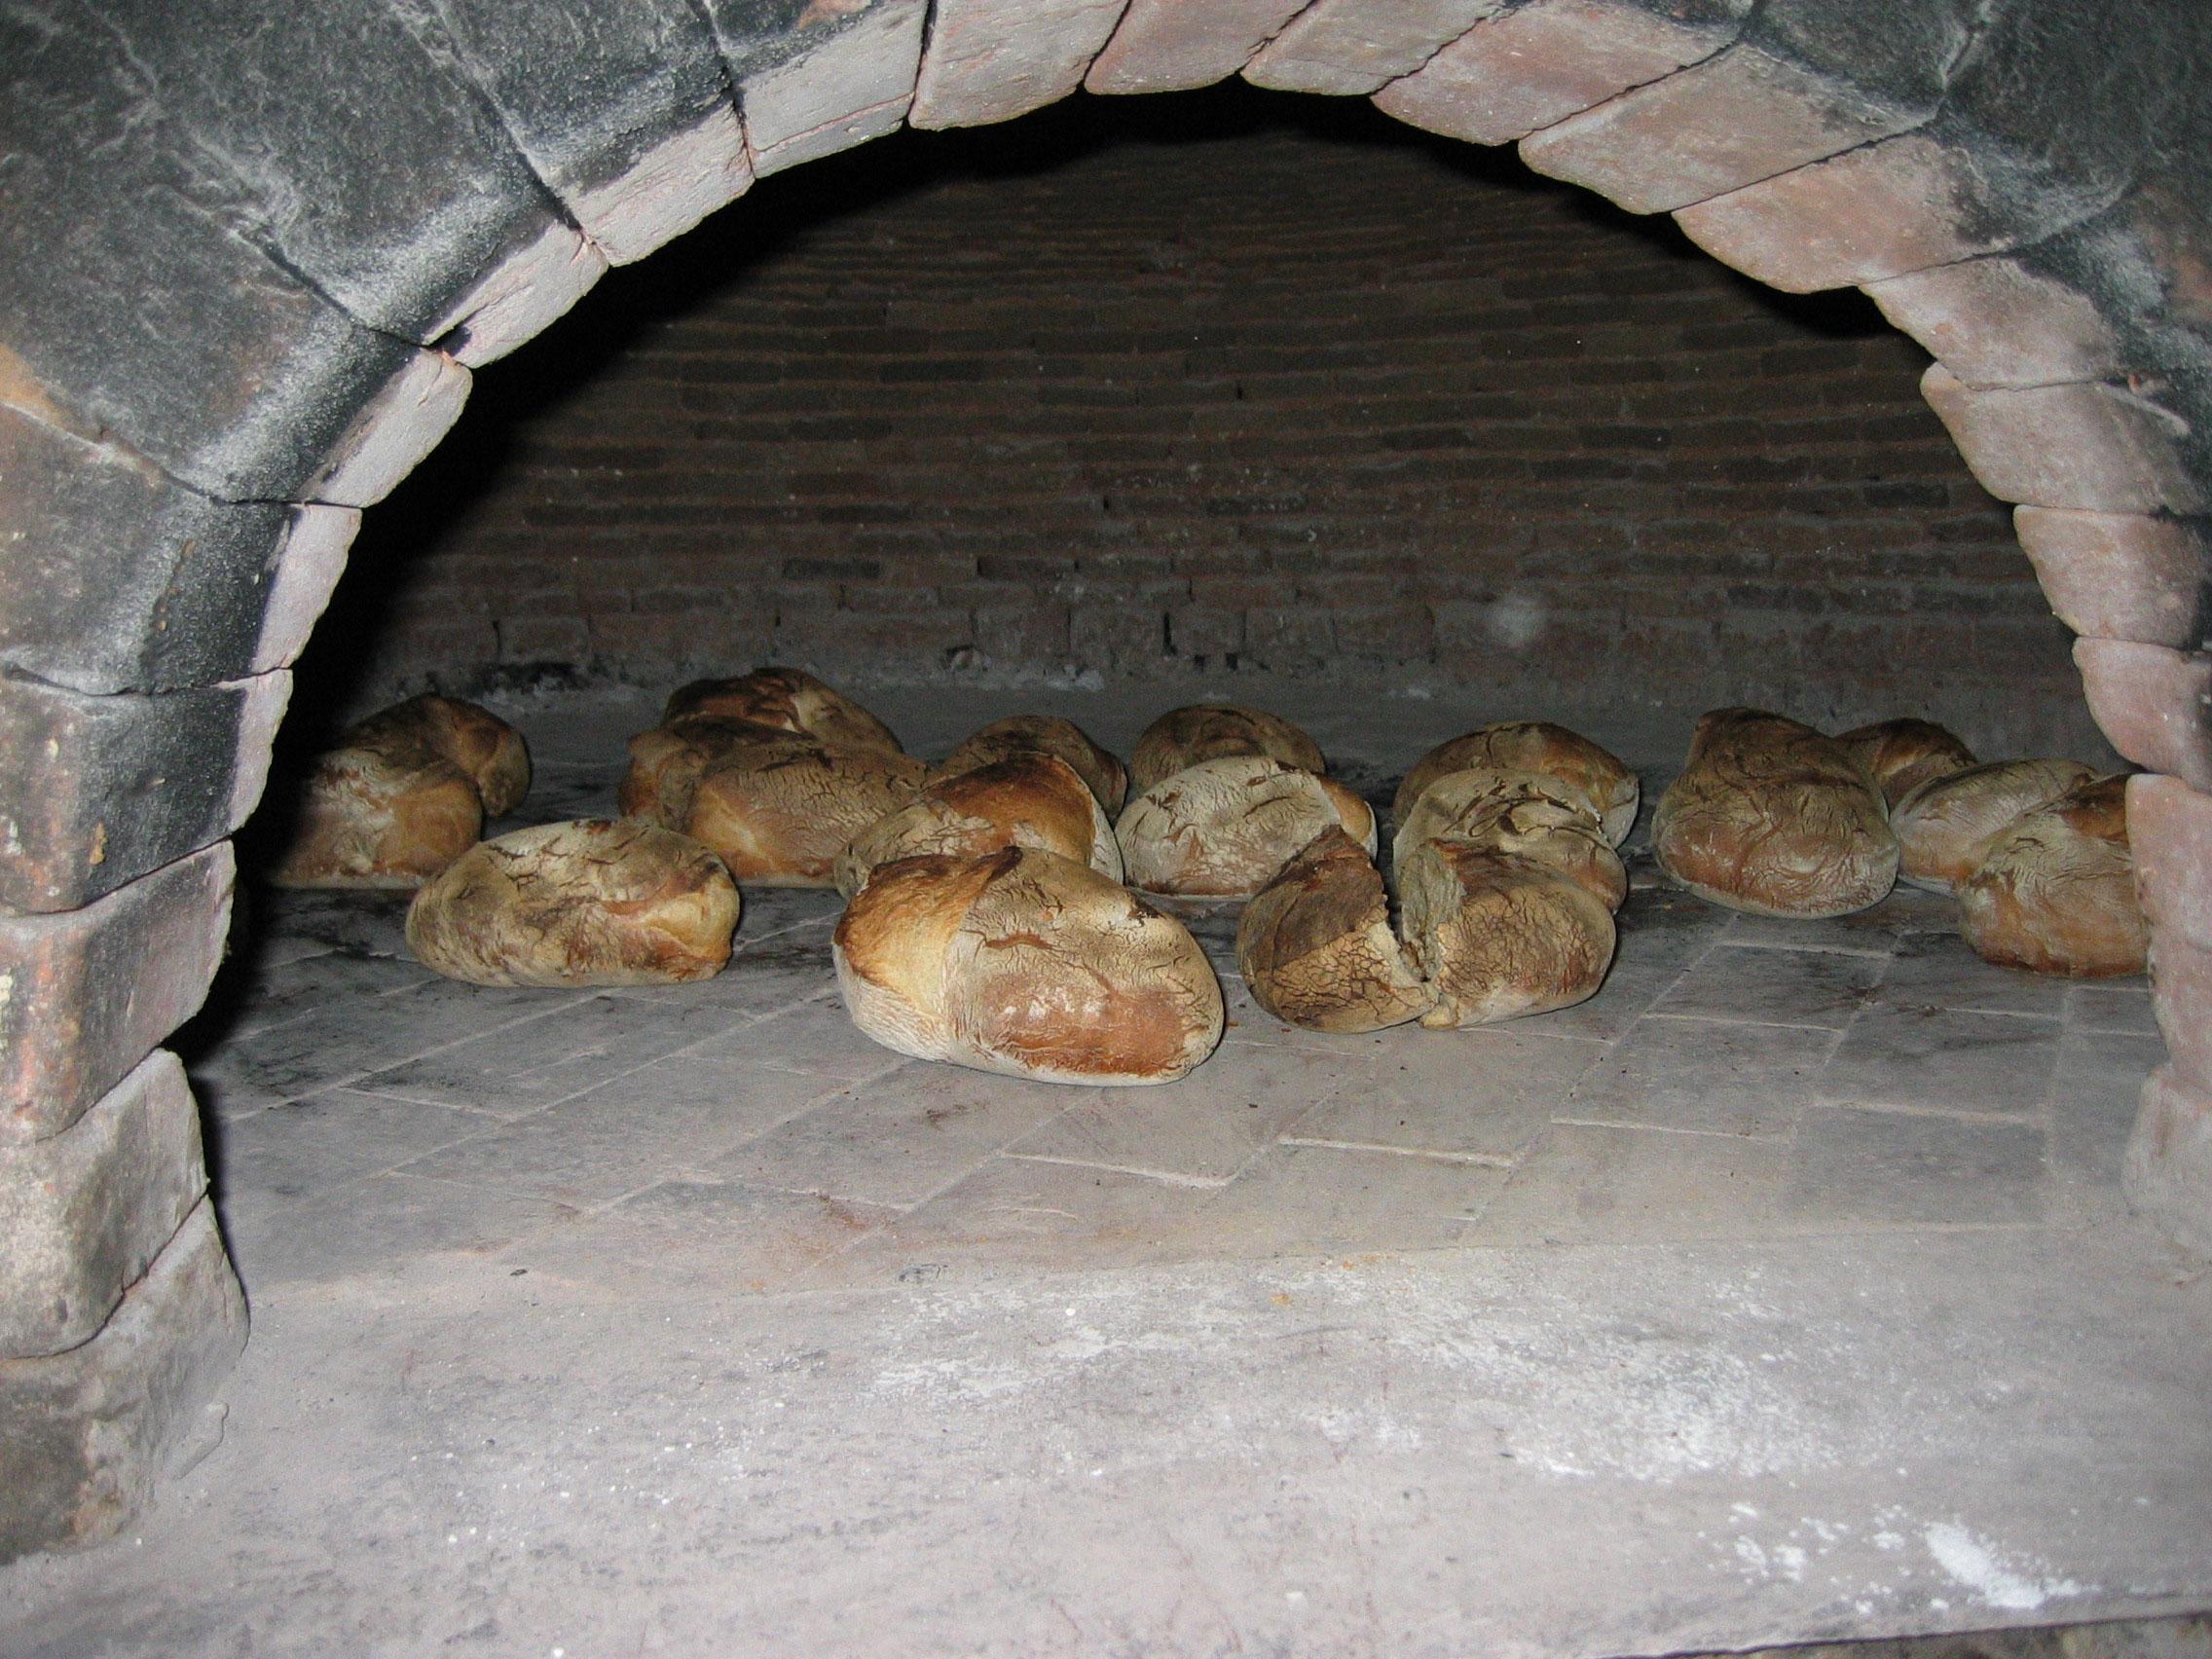 cuisson-du-pain-dans-le-fou WEB